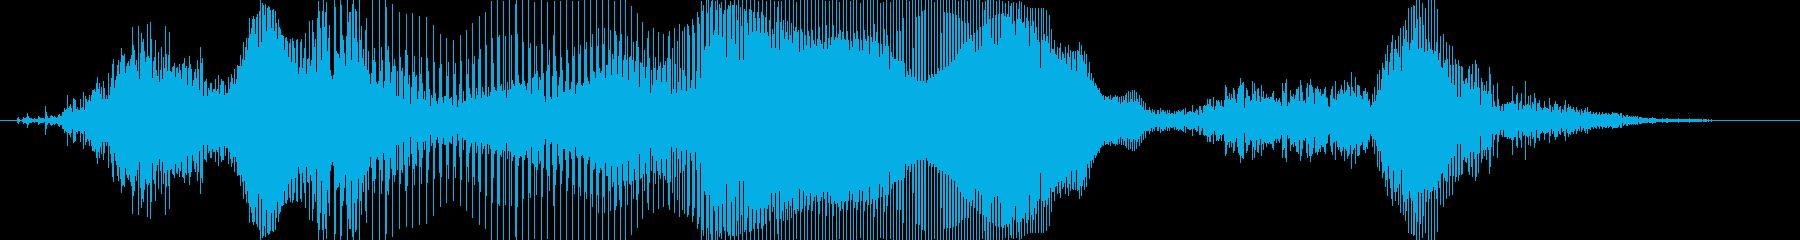 チャンス!の再生済みの波形